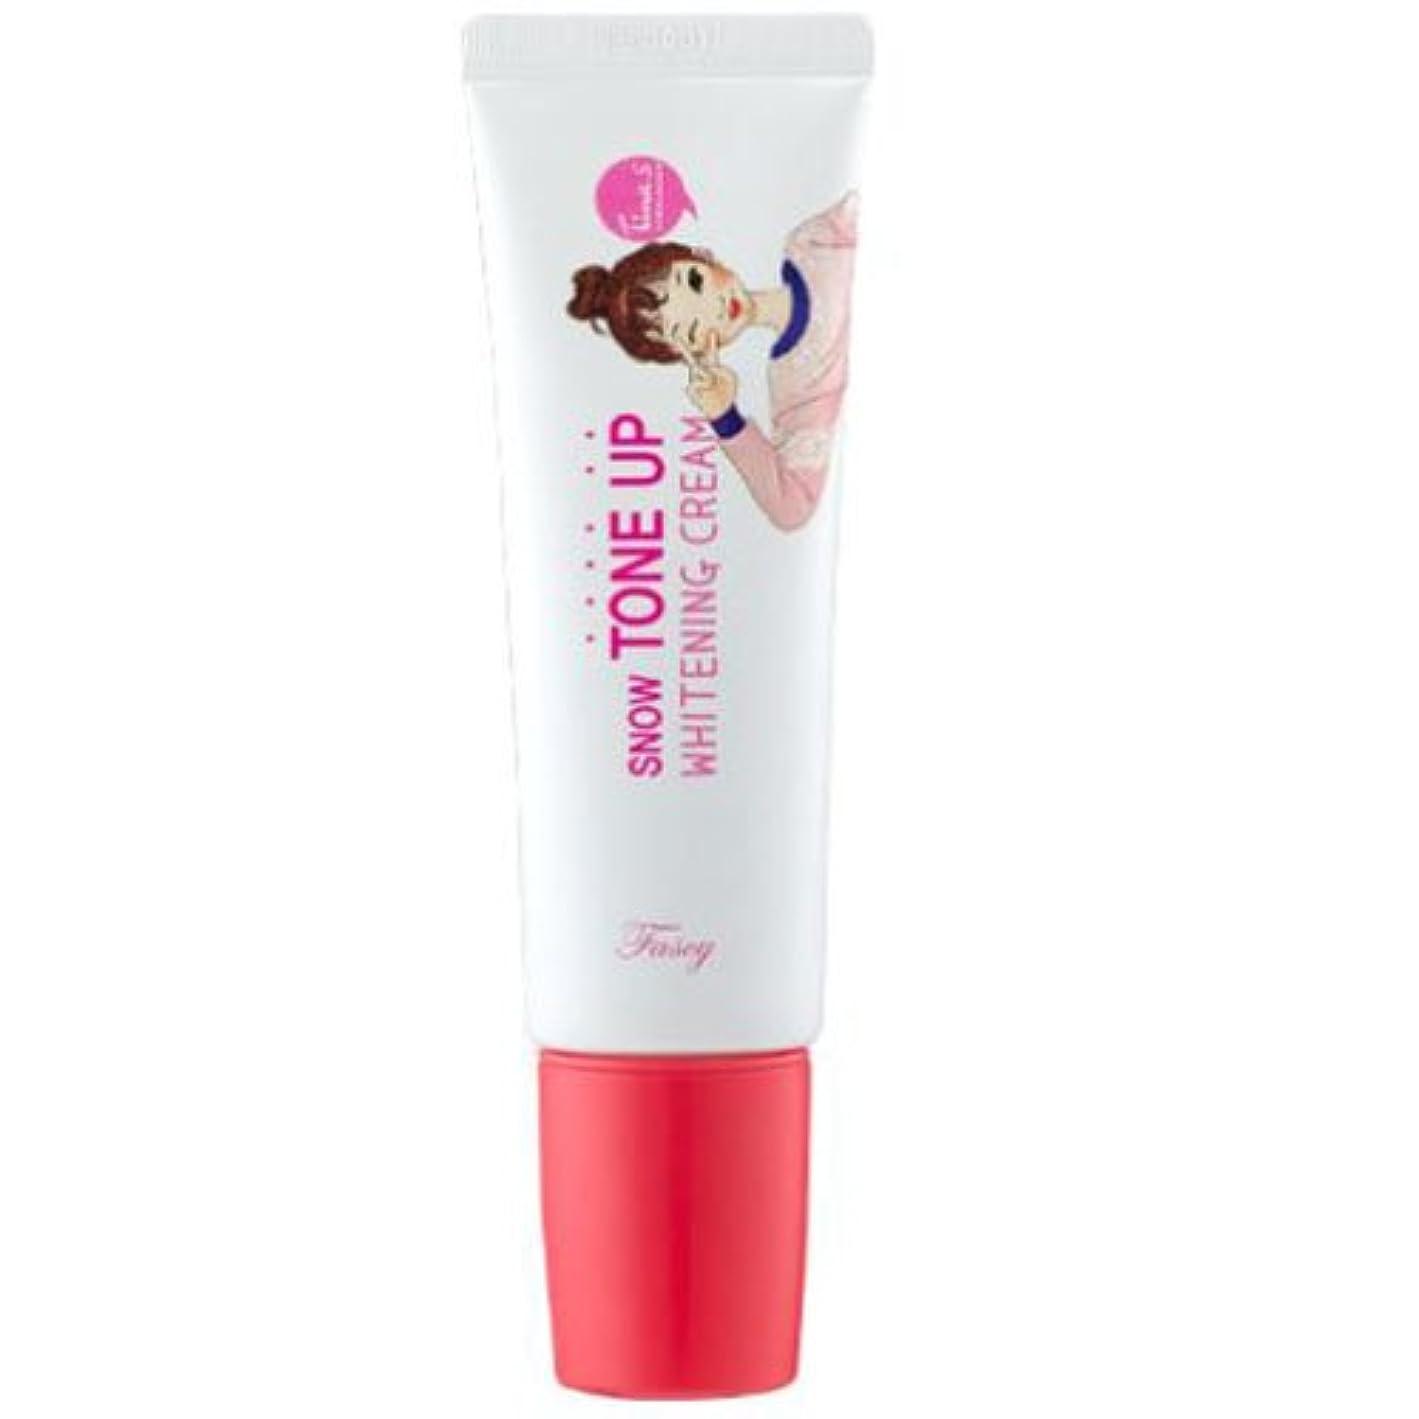 相互急流保護【fascyトーンアップ】fascy Tone up効果 ミルク光肌/肌の色アップ 韓国化粧品